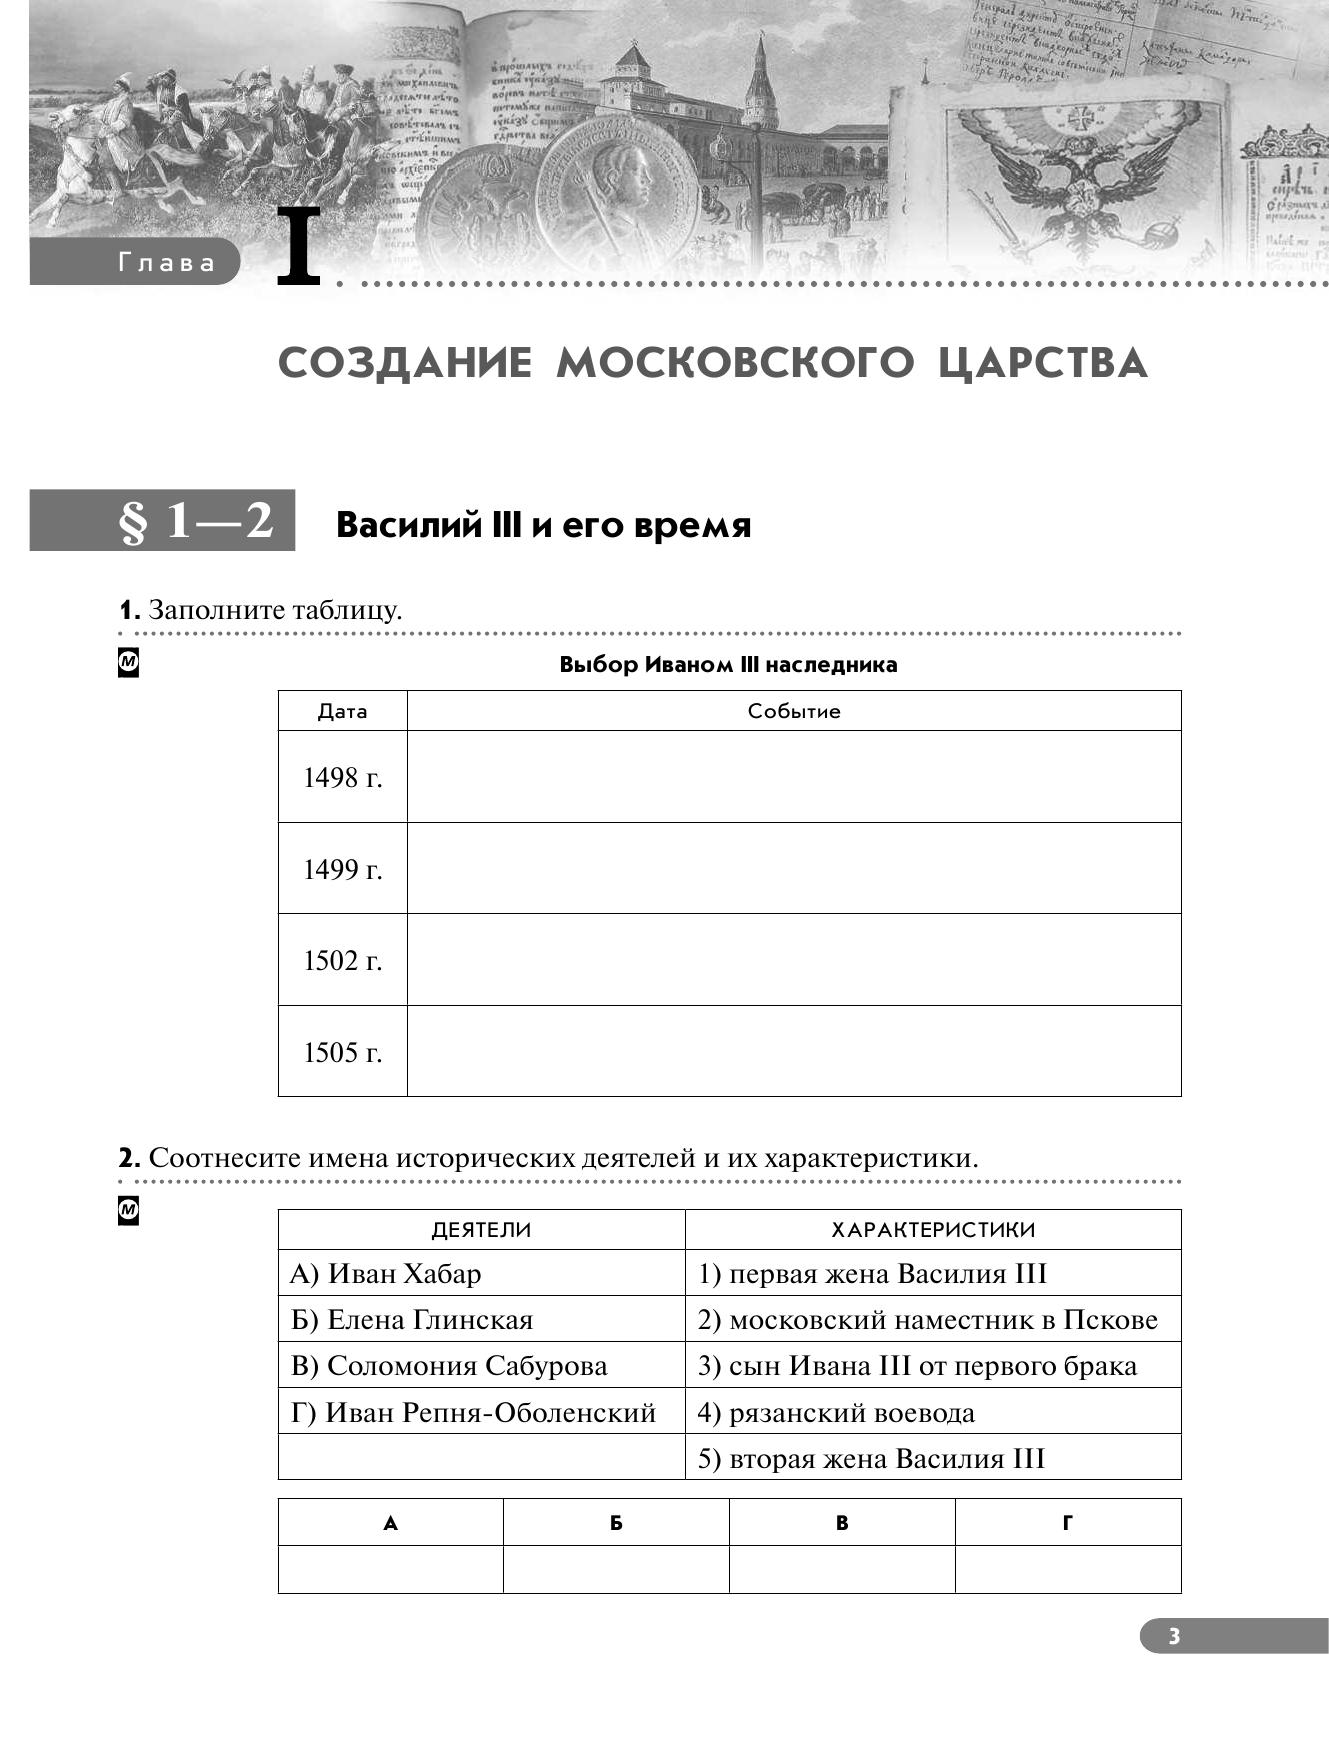 гдз по истории россии 8 класс рабочая тетрадь симонова клоков 2016